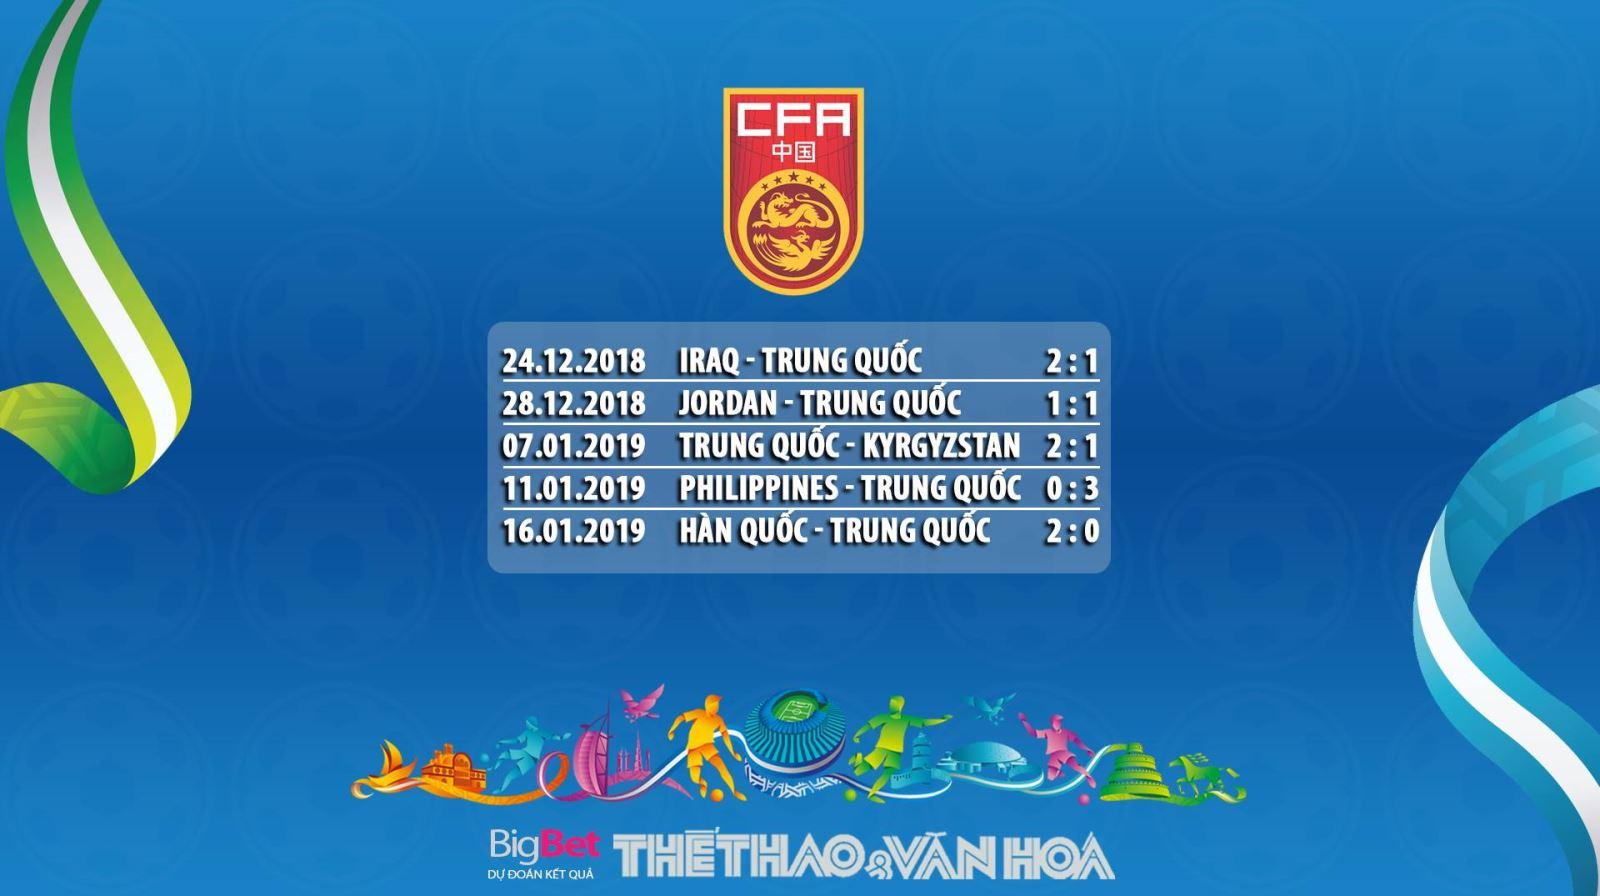 Trực tiếp Thái Lan vs Trung Quốc, truc tiep Thai Lan vs Trung Quoc, truc tiep Thailand vs China, trực tiếp Thái Lan với Trung Quốc, truc tiep Thai Lan voi Trung quoc, trực tiếp Thái Lan đấu với Trung Quốc, trực tiếp Thái Lan gặp Trung Quốc, trực tiếp Thái Lan, truc tiep Thai Lan, truc tiep bong da Thai Lan, trực tiếp bóng đá Thái Lan hôm nay